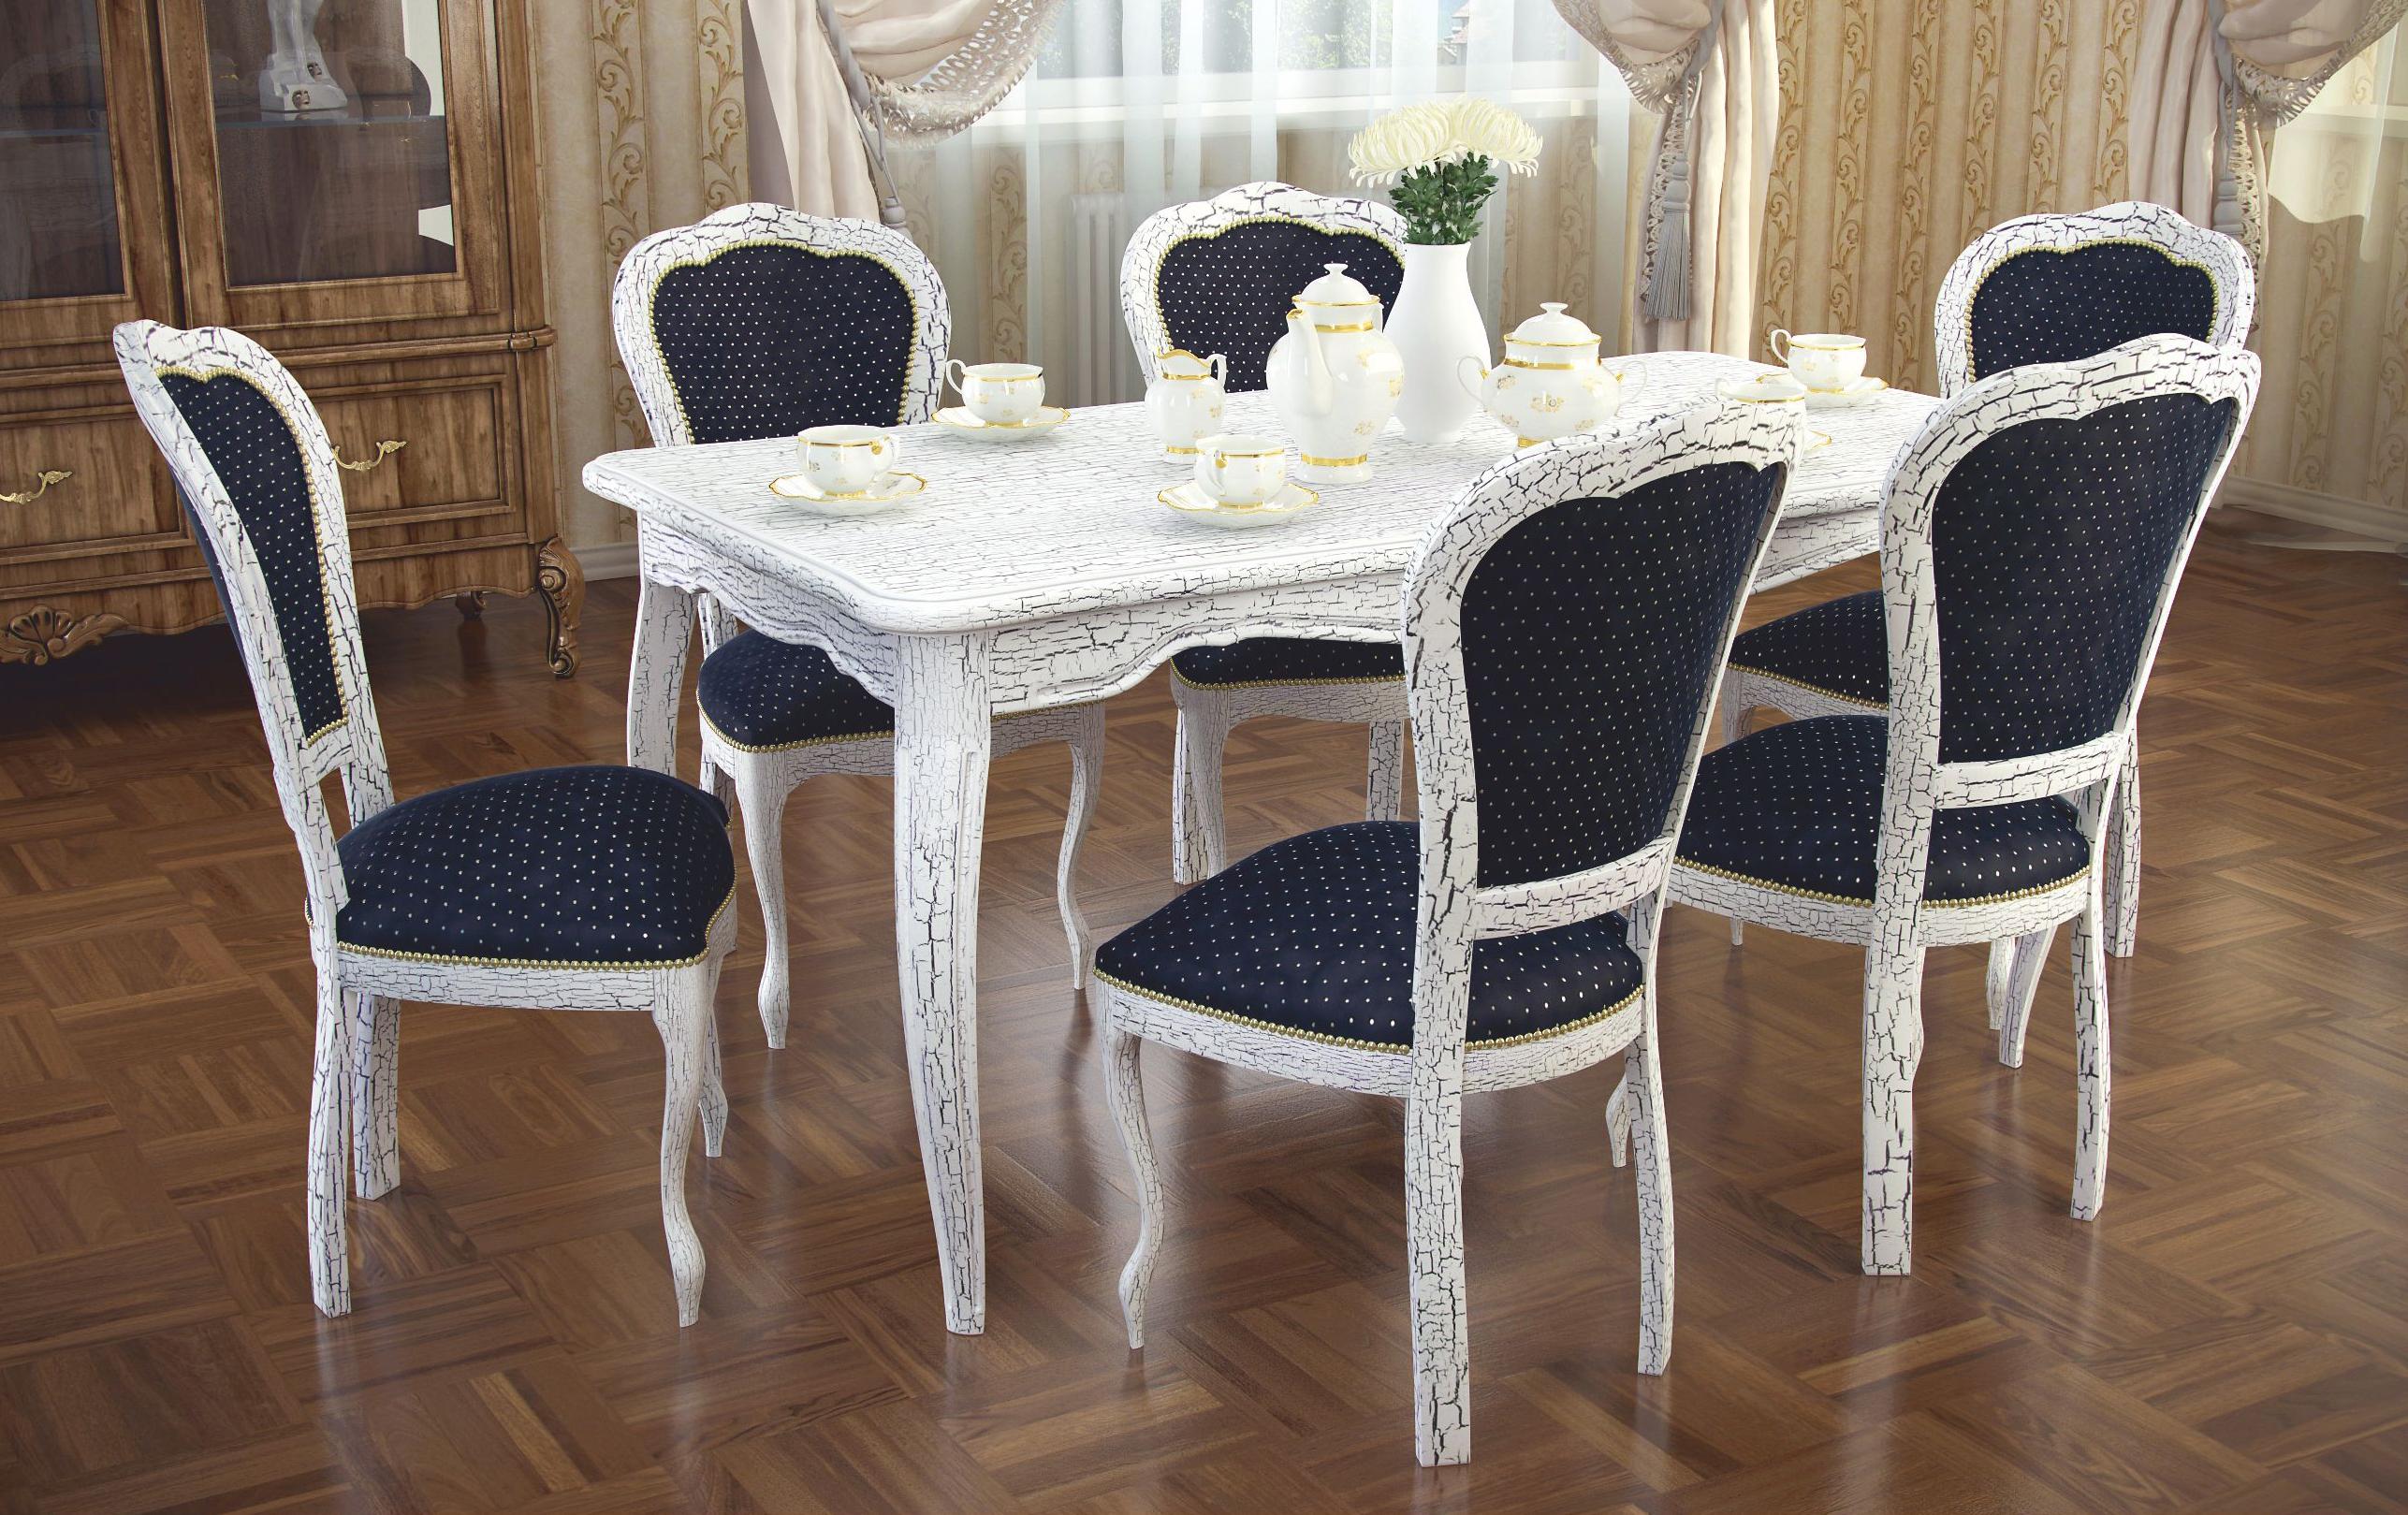 фото столов и стульев для баннера